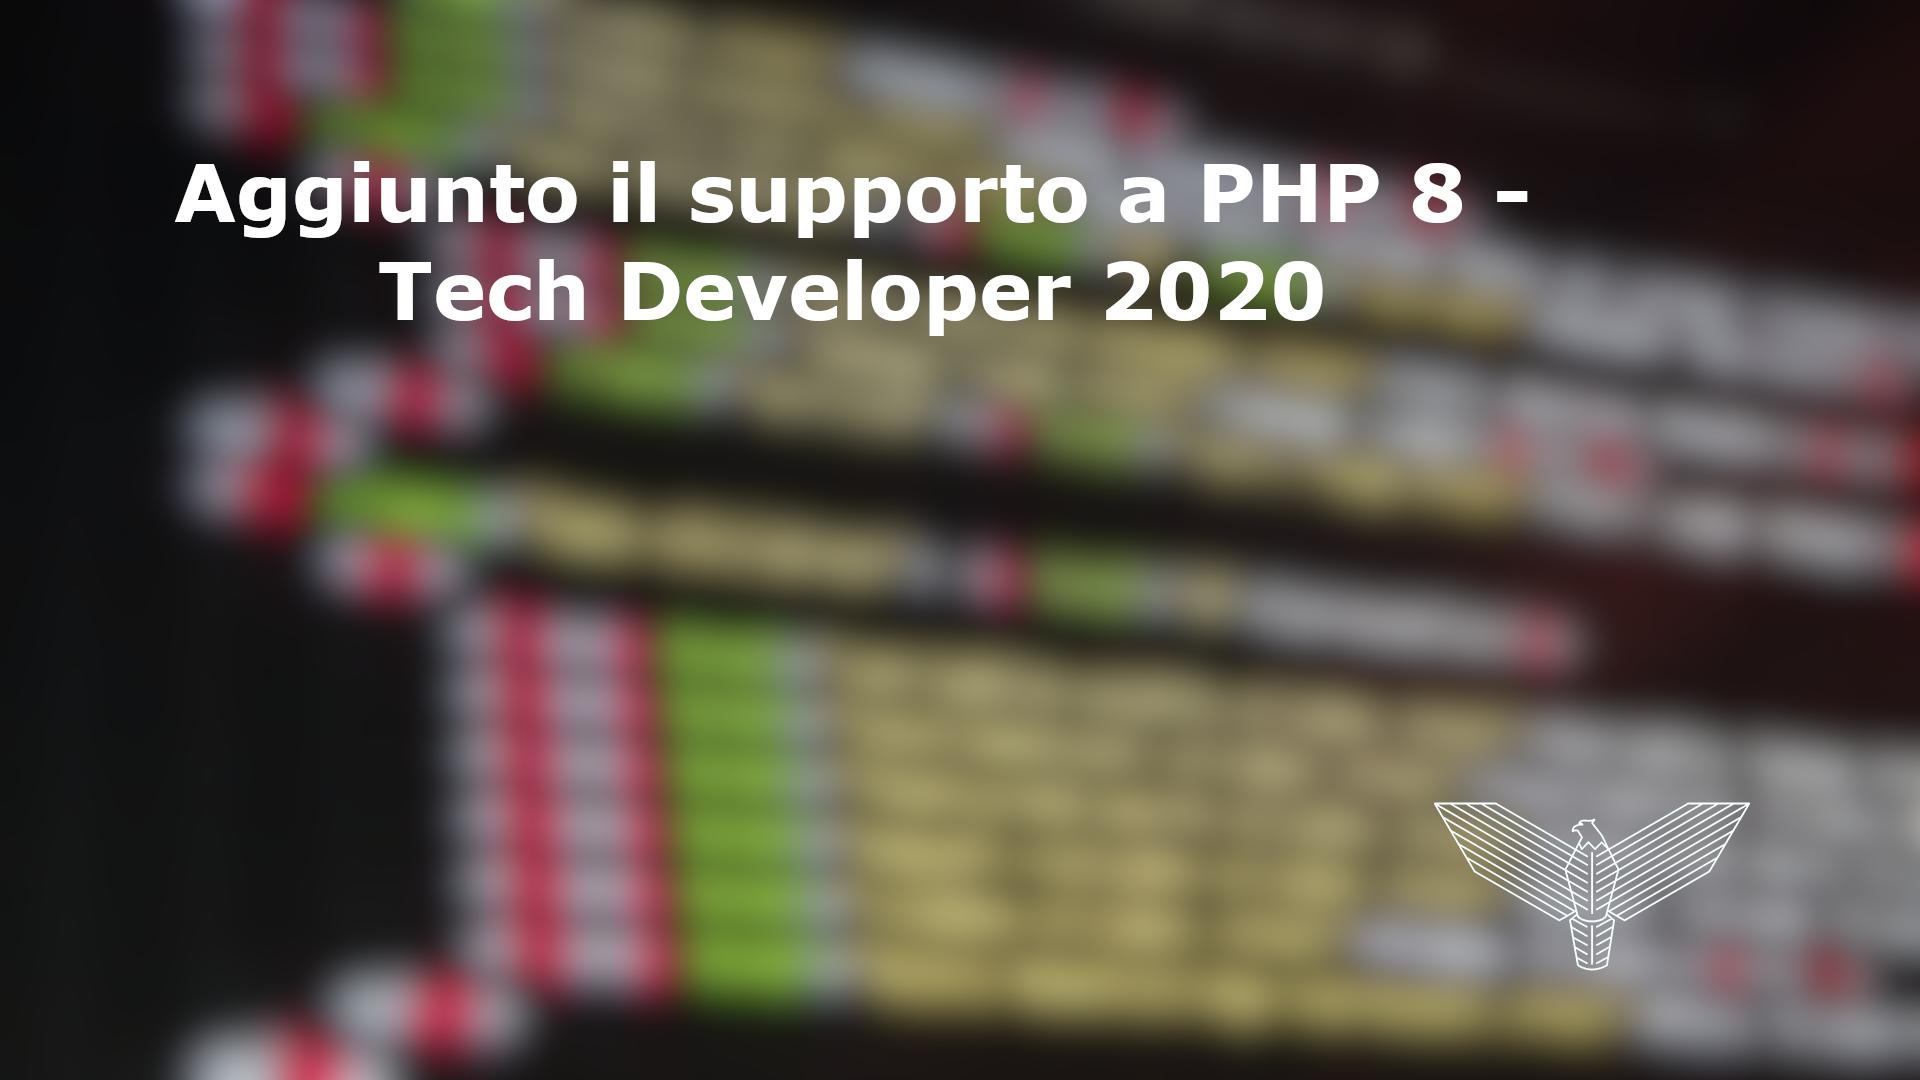 Aggiunto il supporto a PHP 8 – Tech Developer 2020